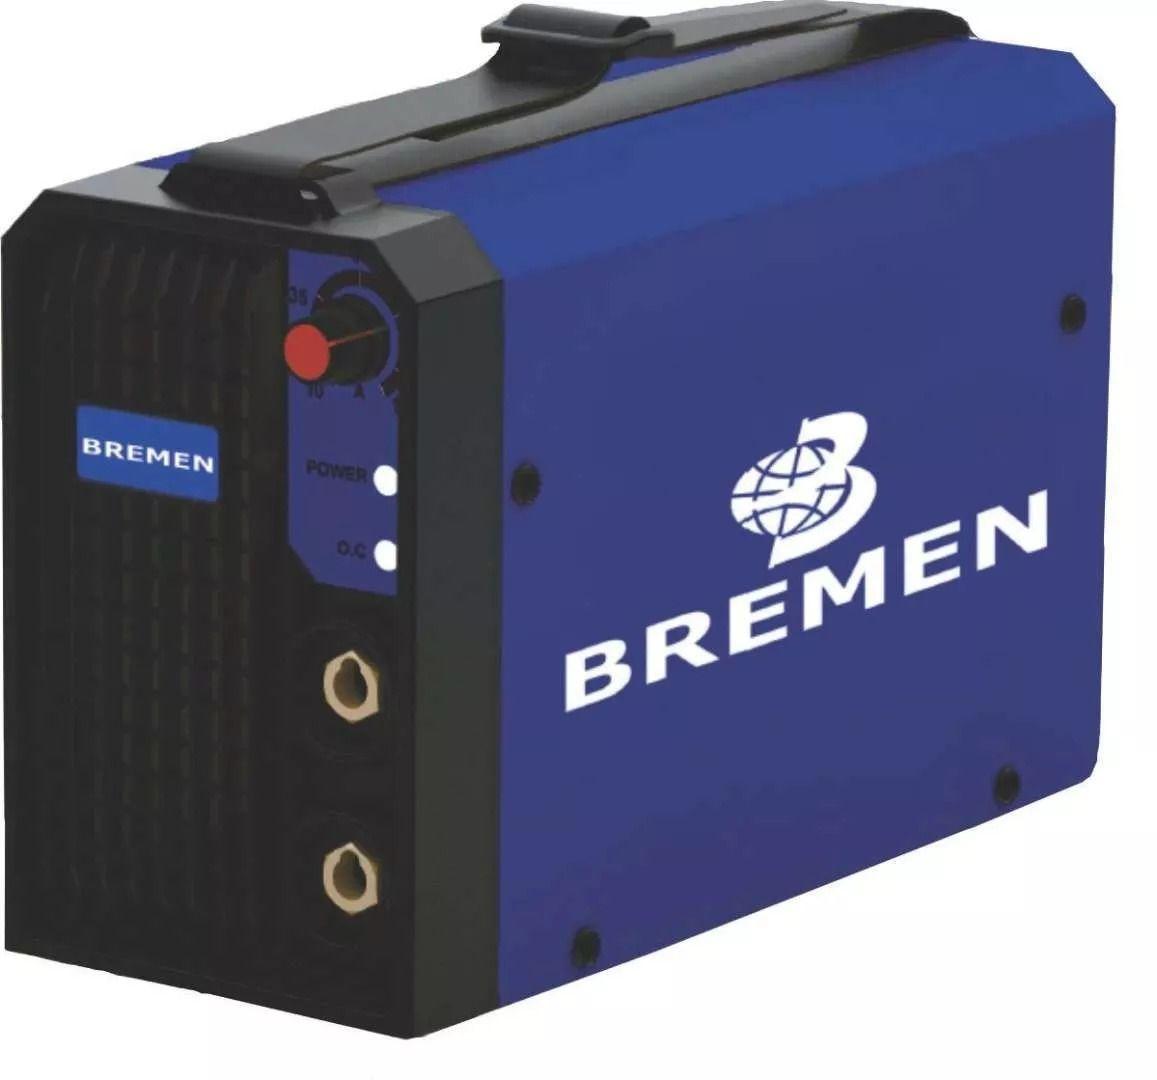 Inversora de Solda Tig/Eletrodo 130a 110V Bremen